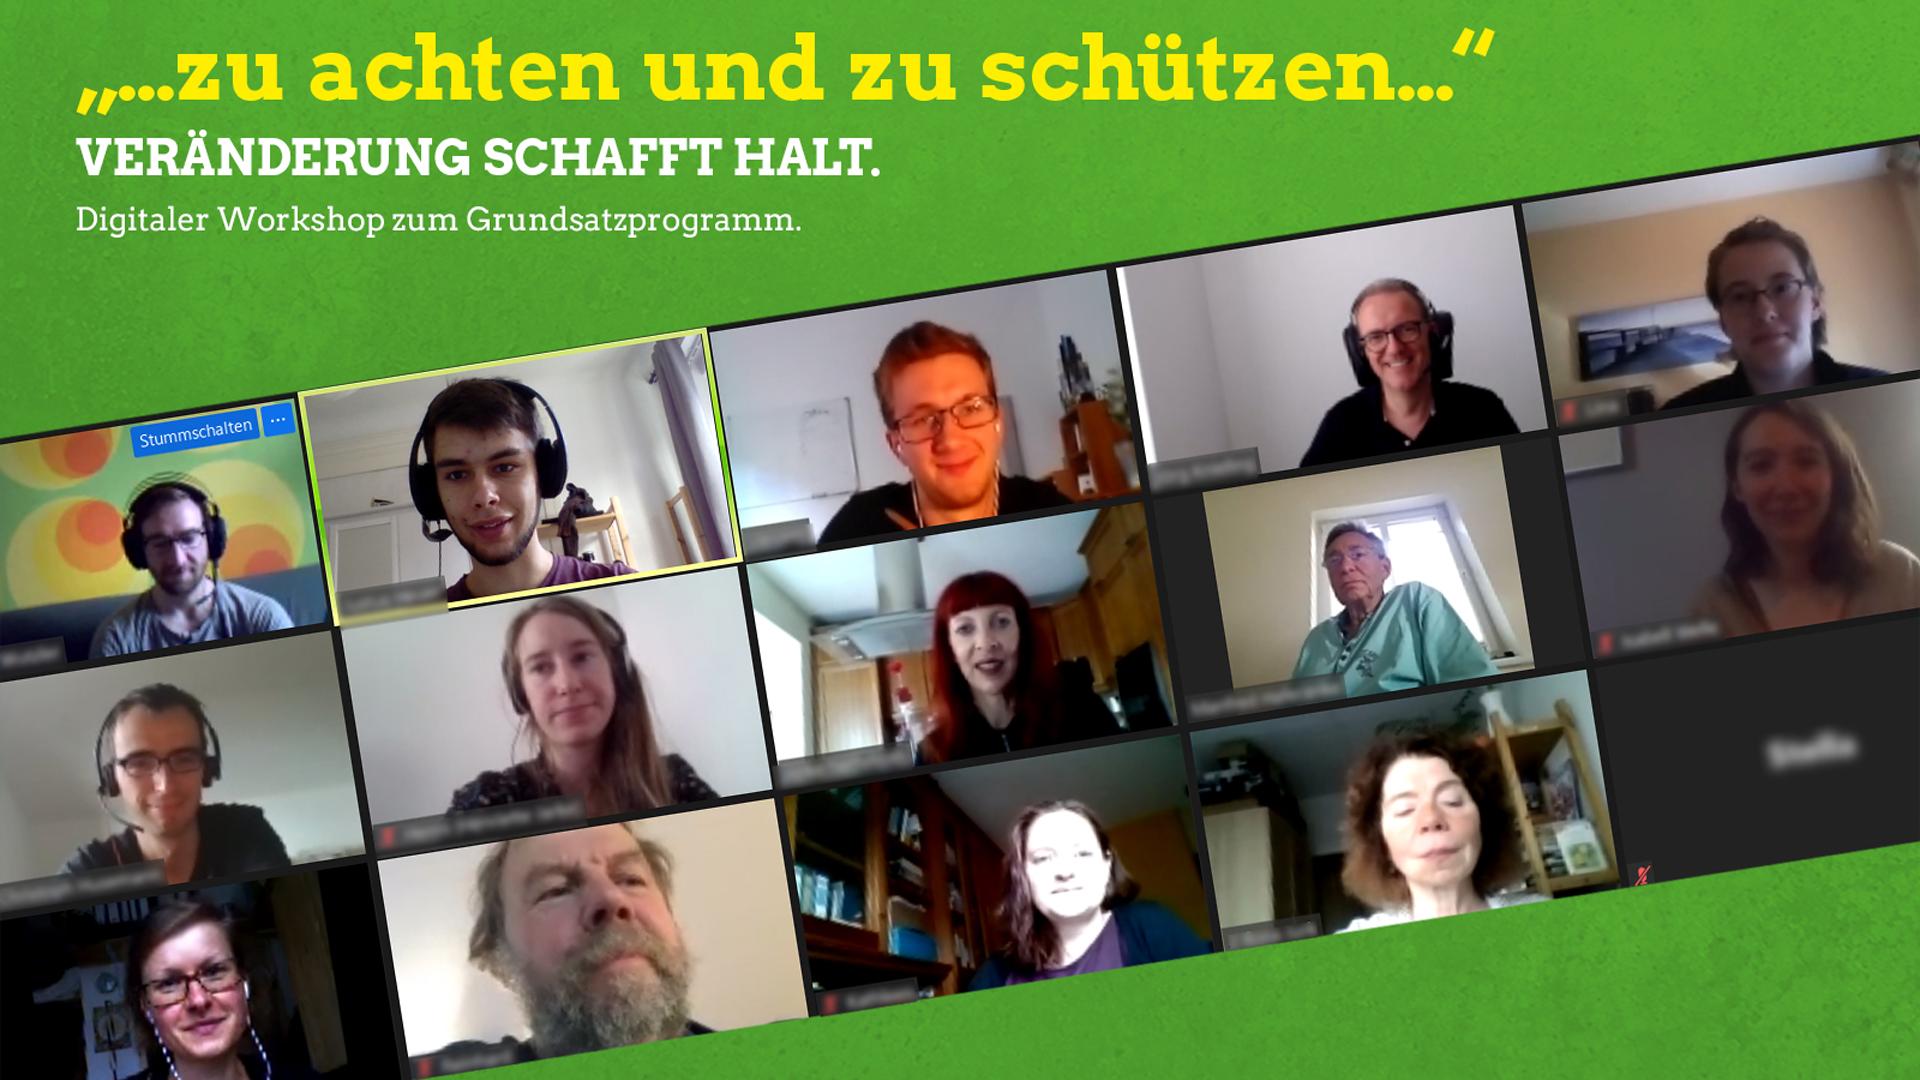 Wir leben Mitbestimmung: Workshop zum grünen Grundsatzprogramm